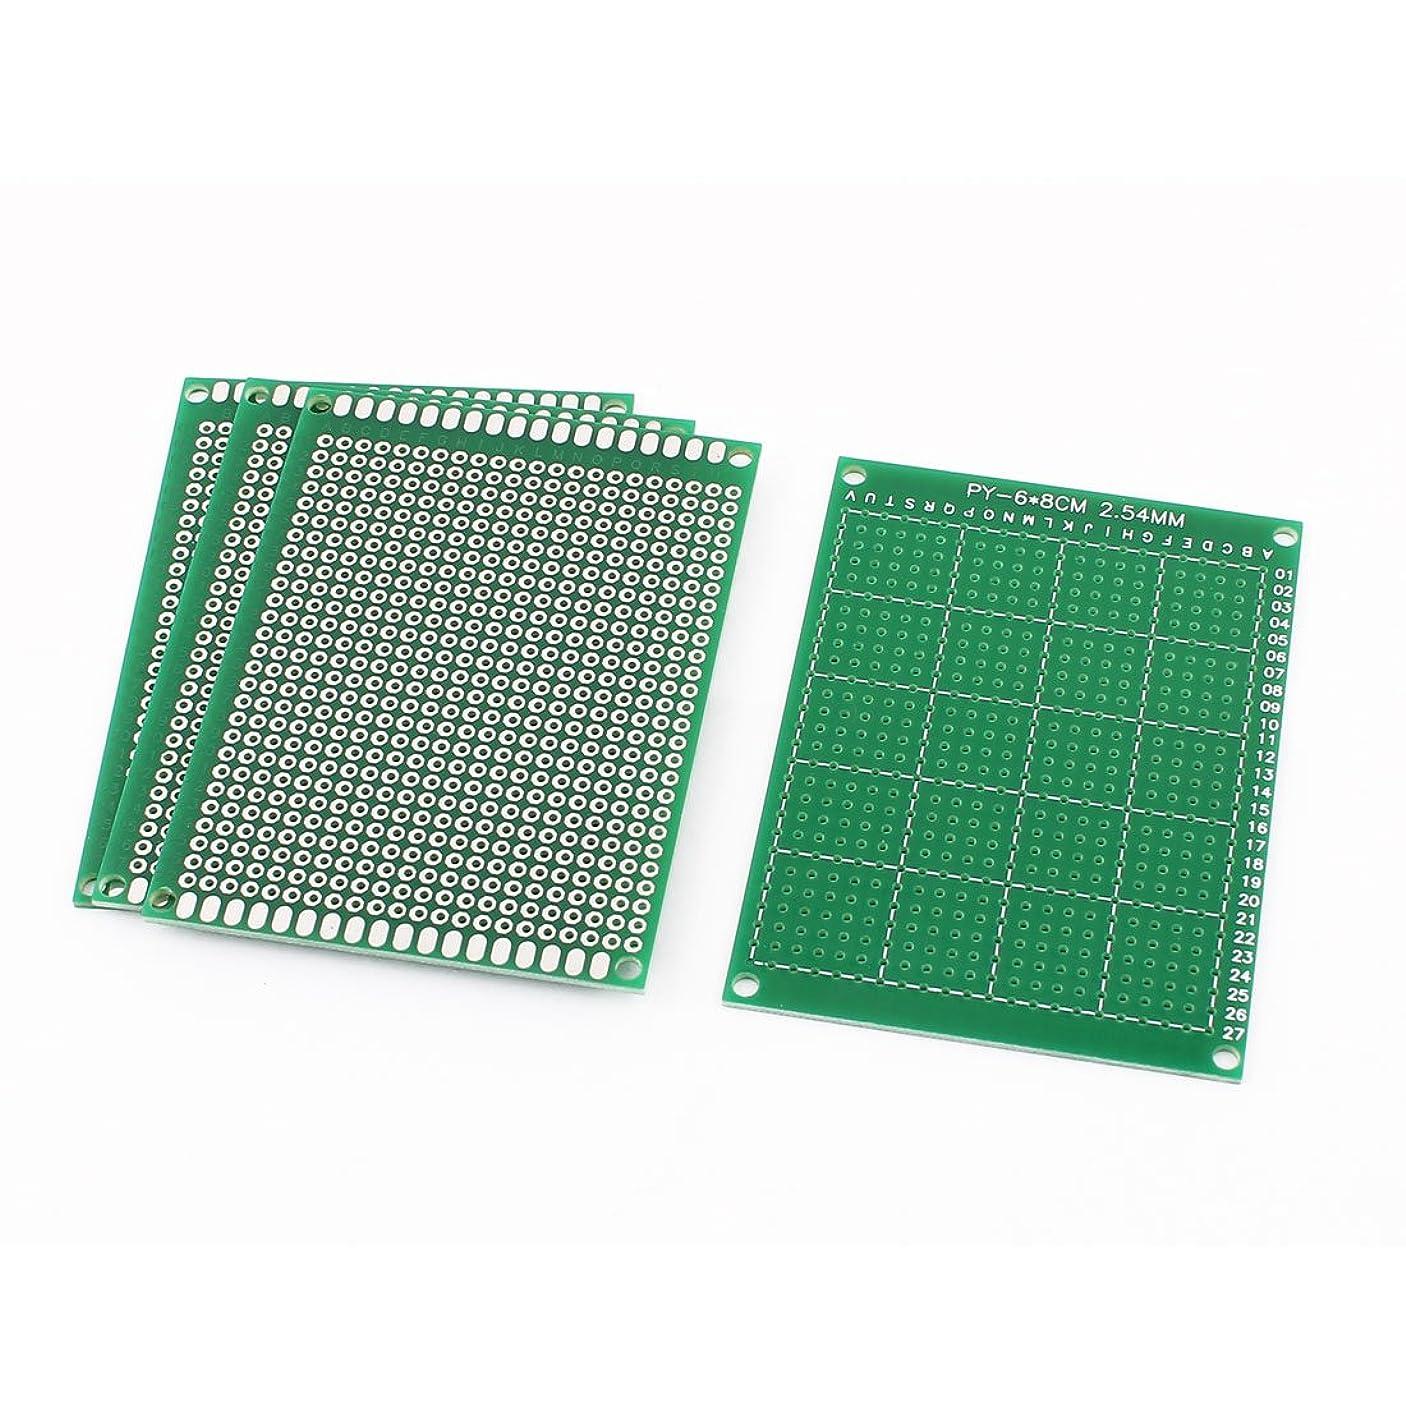 船酔い石鹸投資するuxcell PCBユニバーサル基板 PCBボード プロトタイプ紙 FR-4材料 6cm x 8cm 緑 4個入り